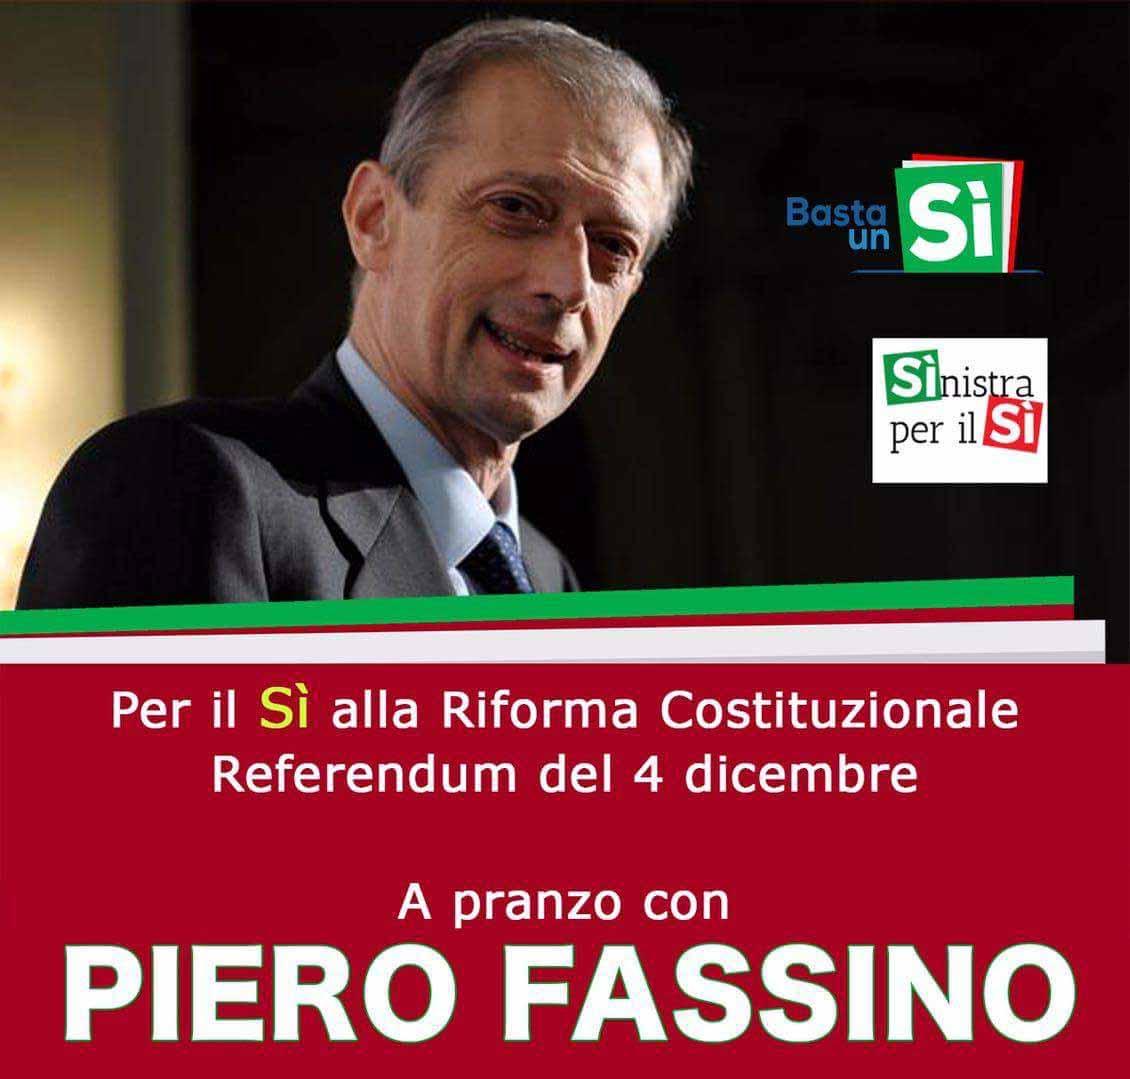 referendum. A PRANZO CON PIERO FASSINO